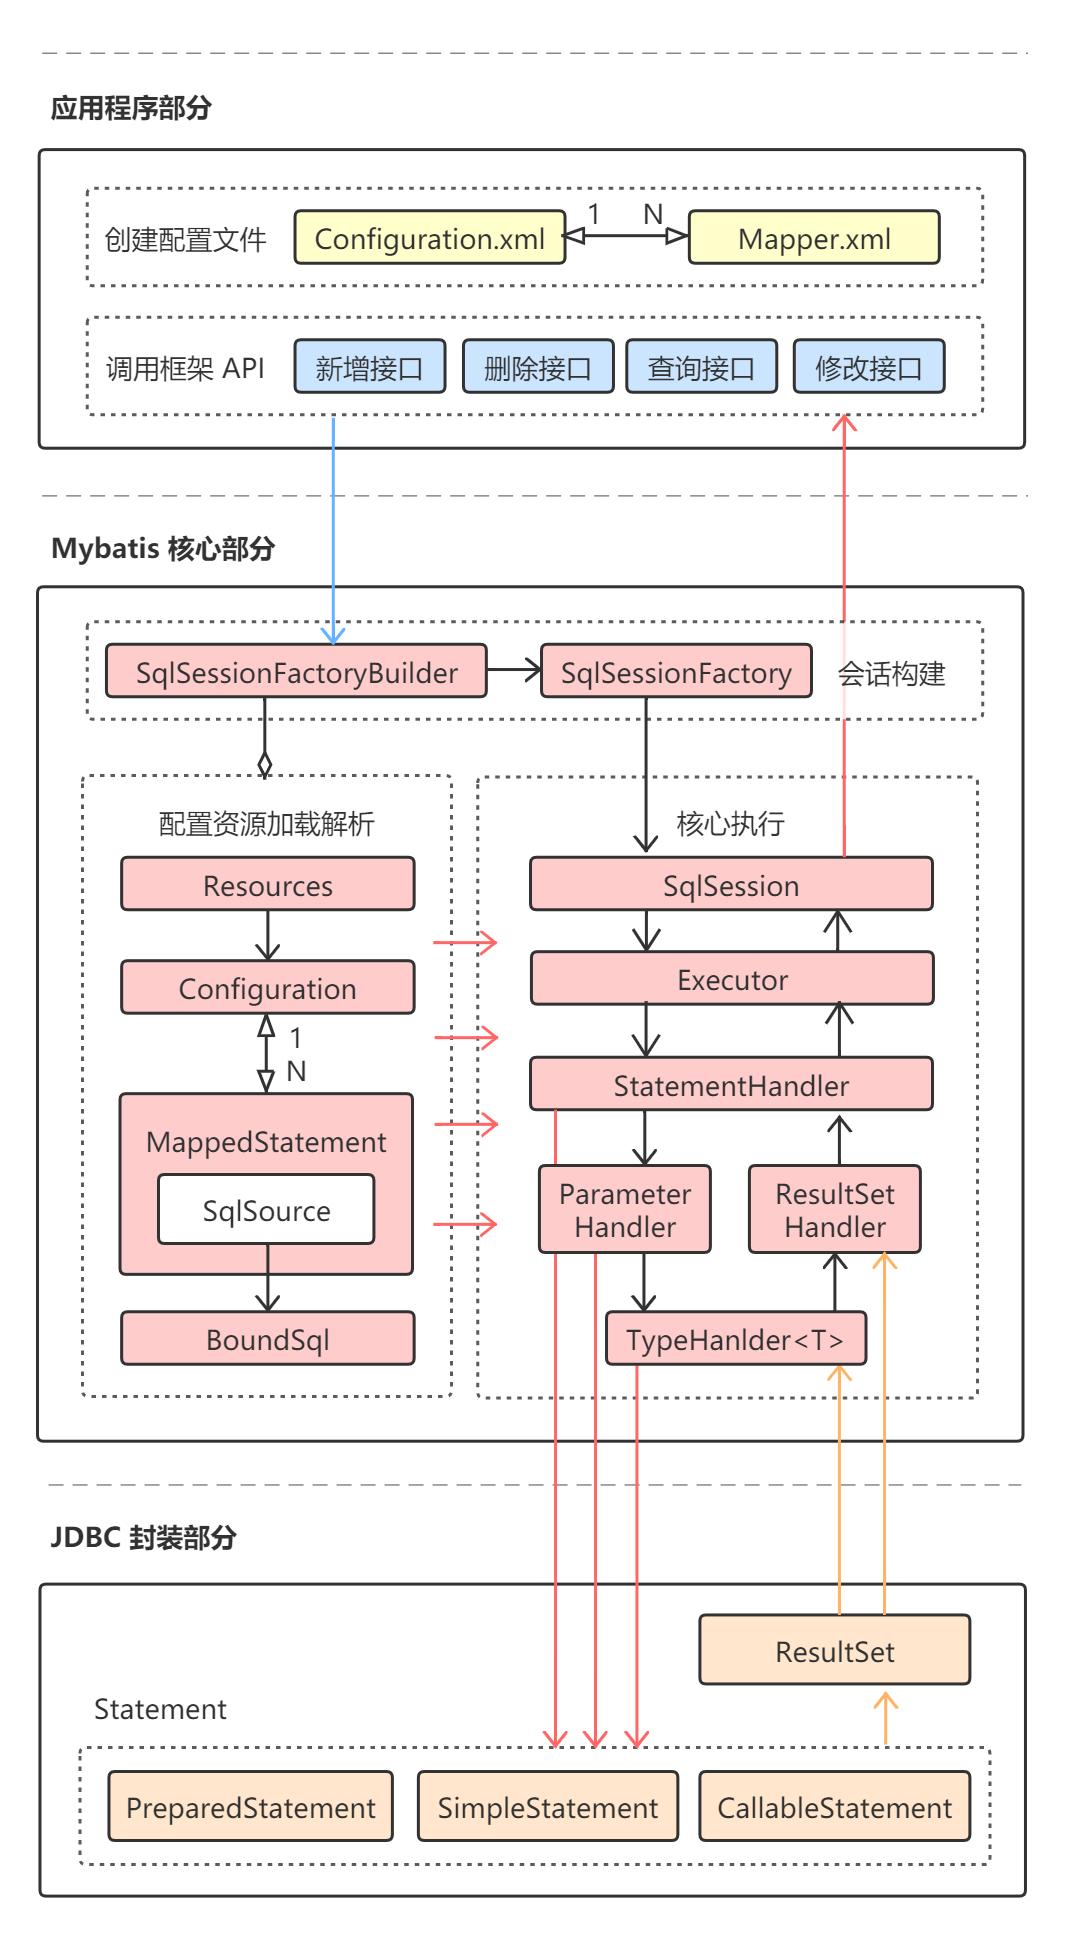 Mybatis核心处理整体流程